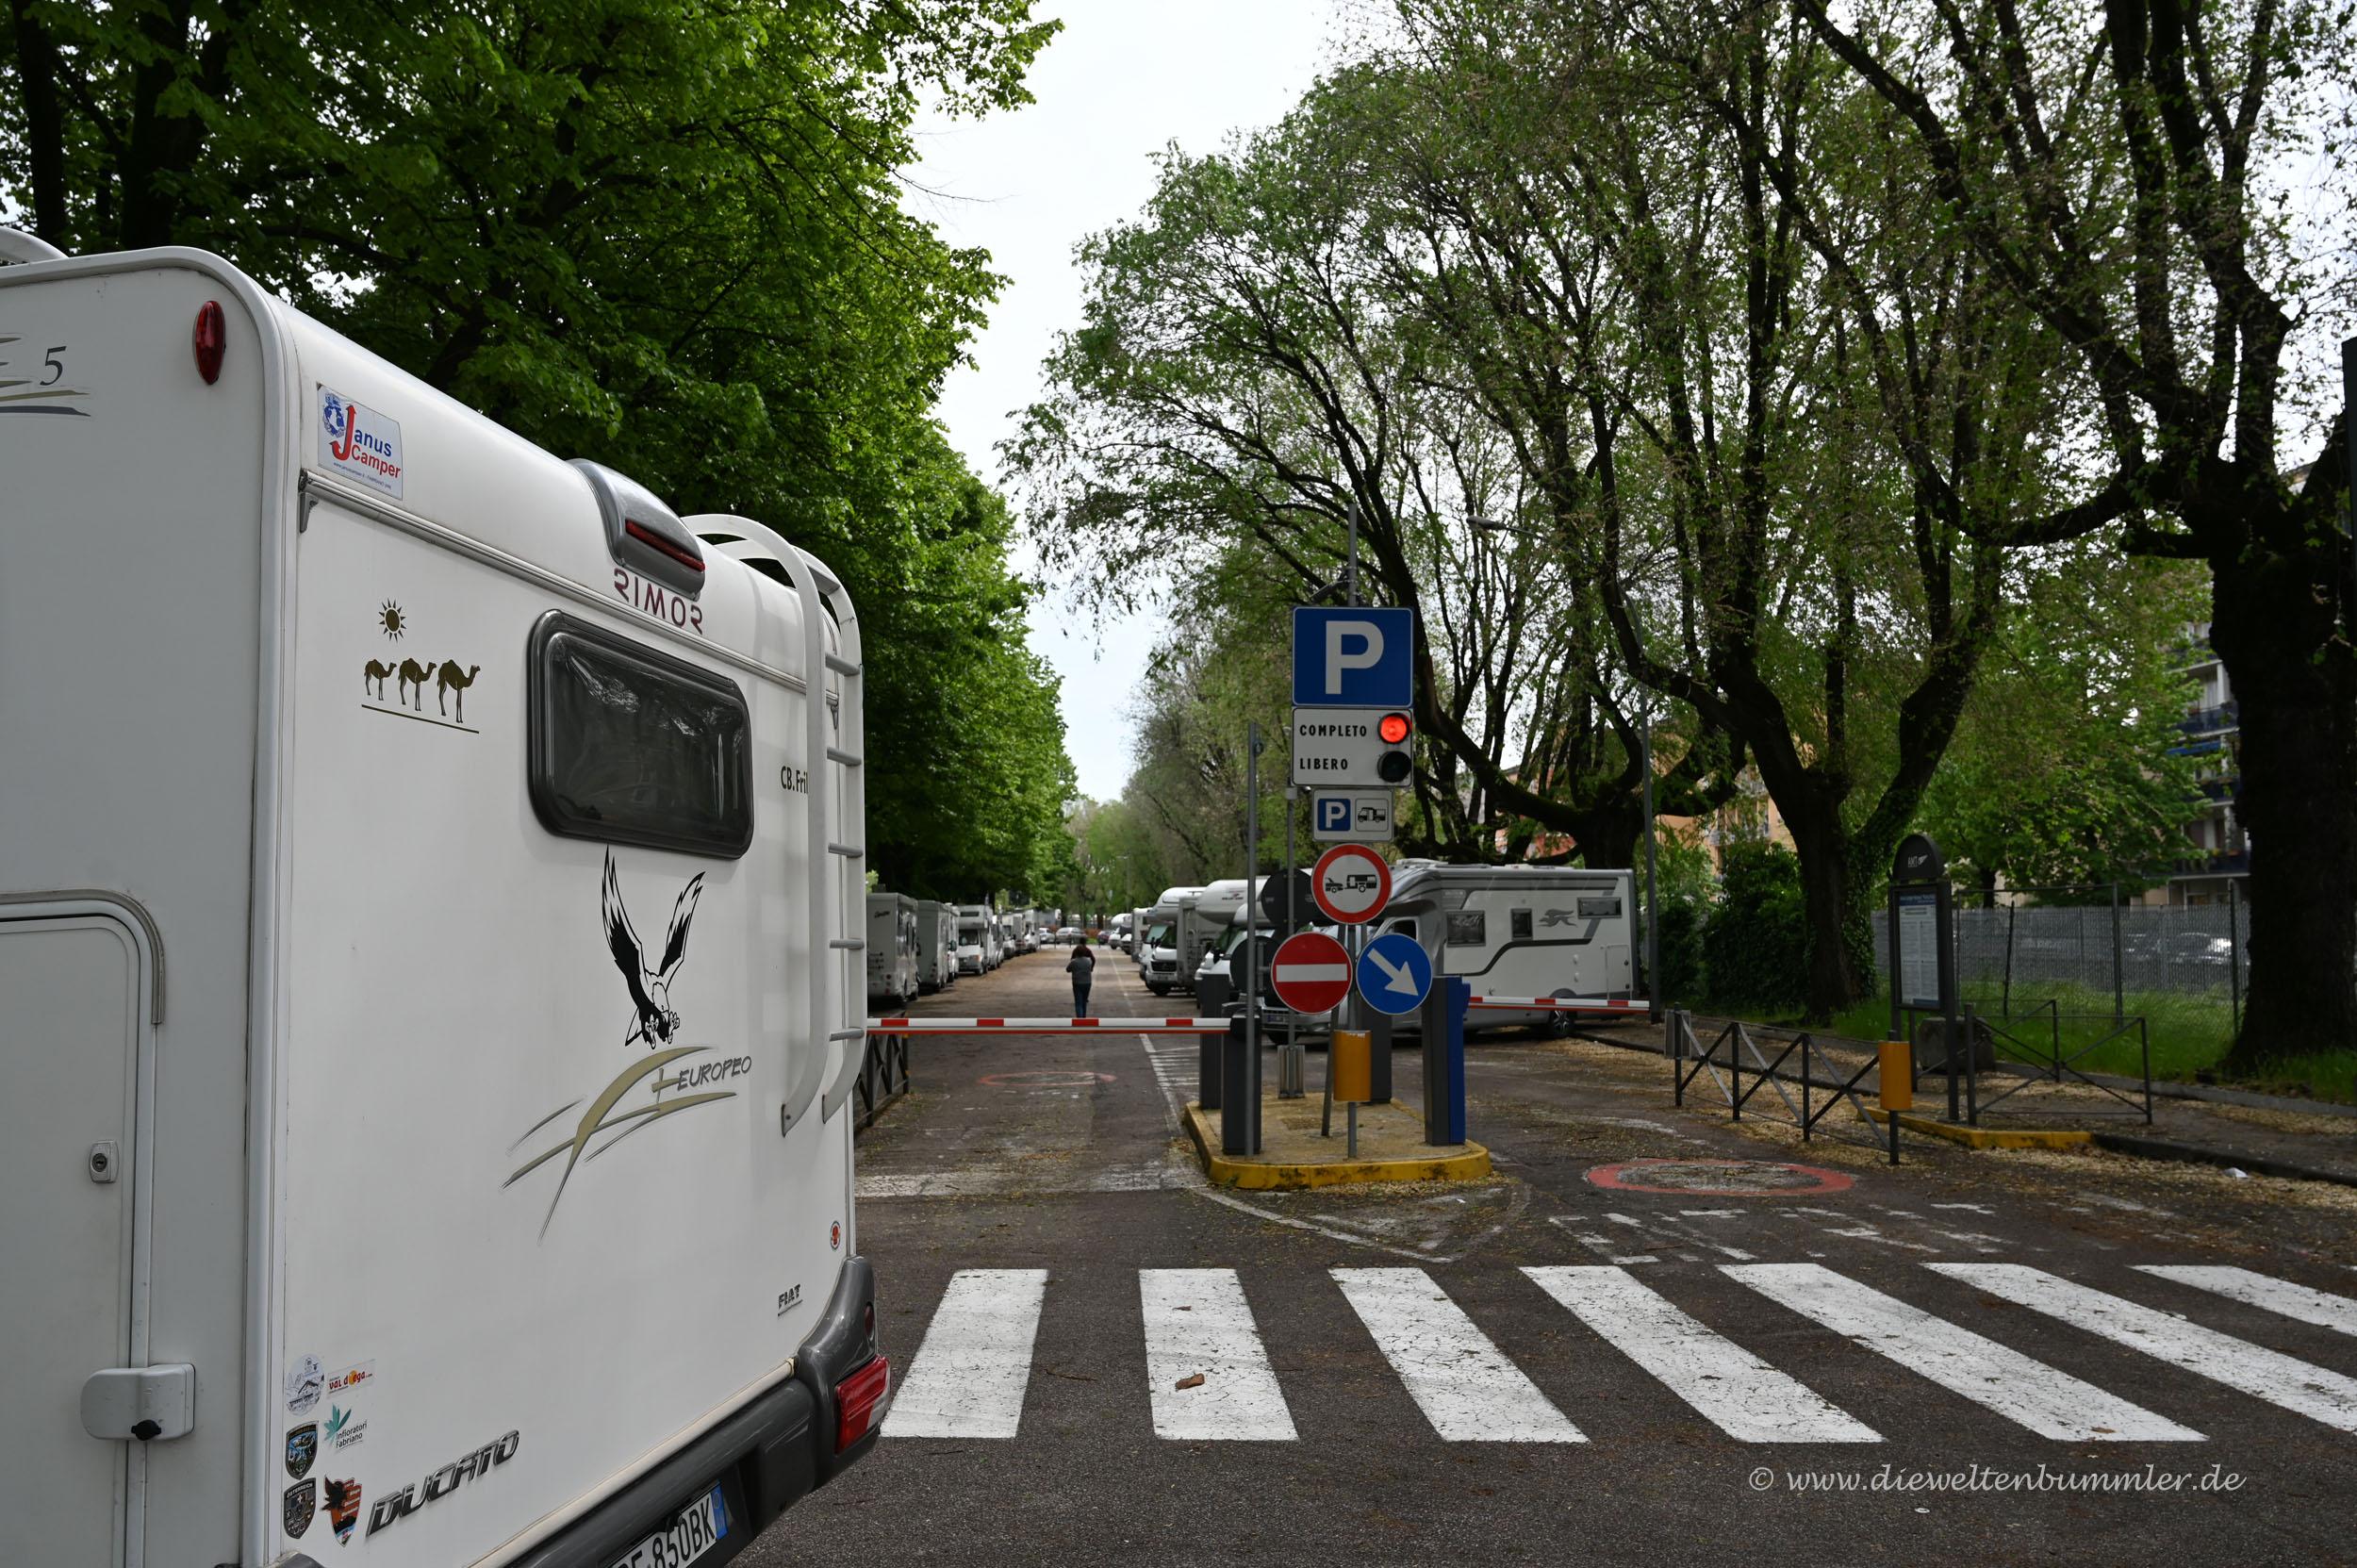 Wohnmobilstellplatz in Verona